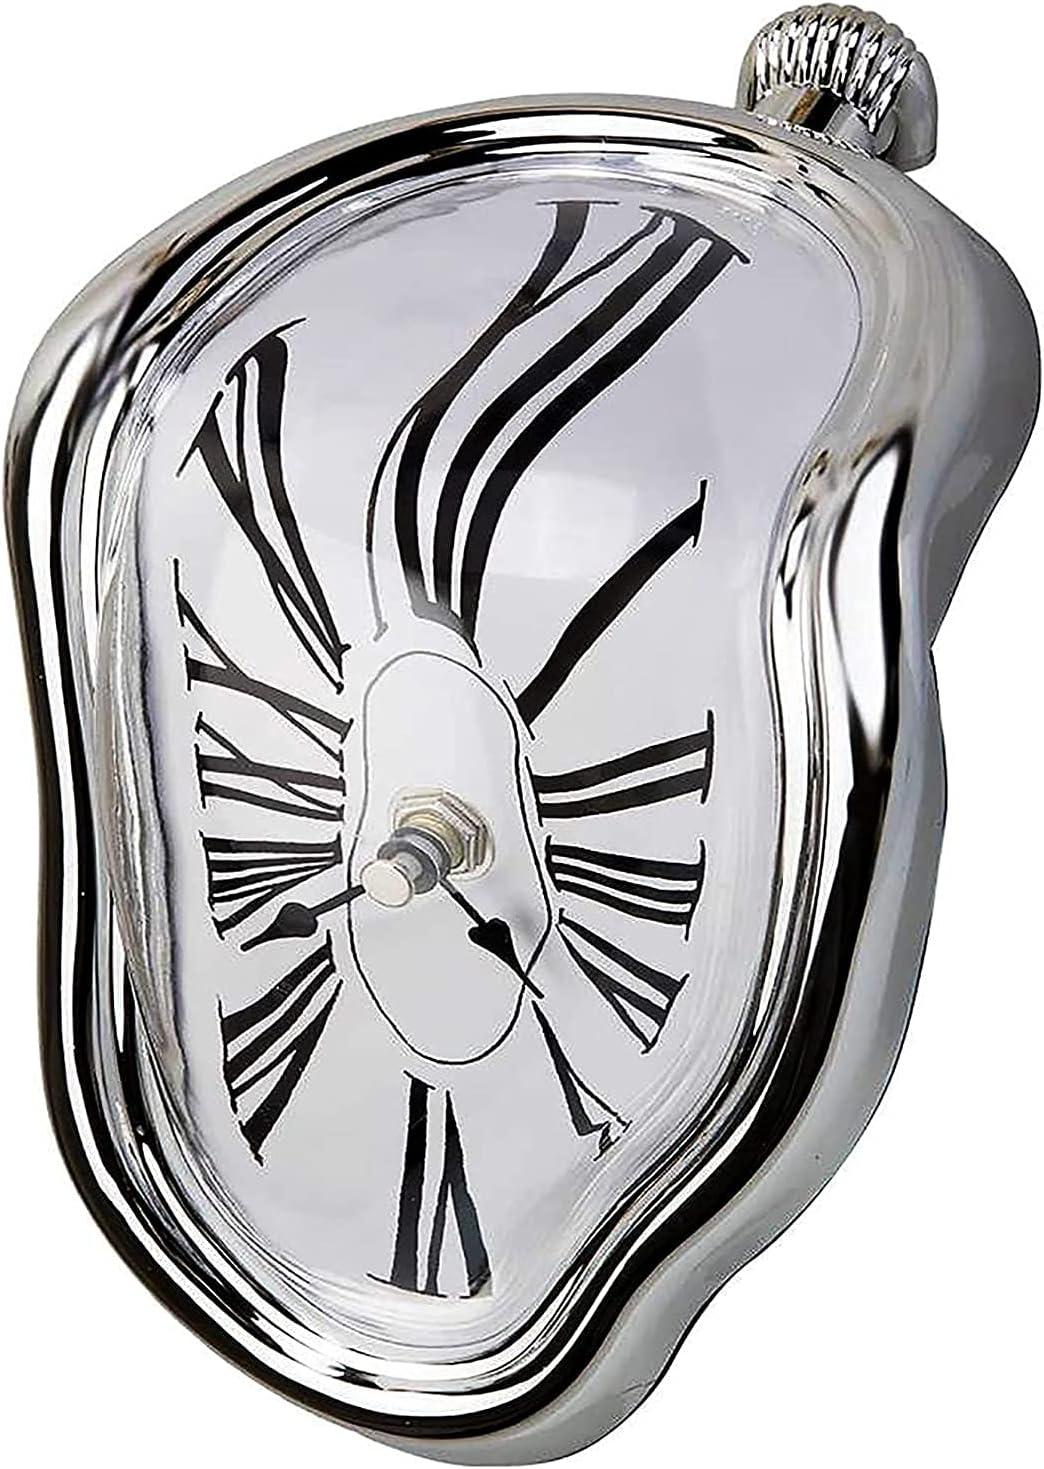 AMYZ Reloj de Pared,Reloj de fusión,Relojes de Pared distorsionados de fusión surrealistas Estilo Salvador Dali,para decoración del hogar,Regalo Creativo Divertido,Plateado